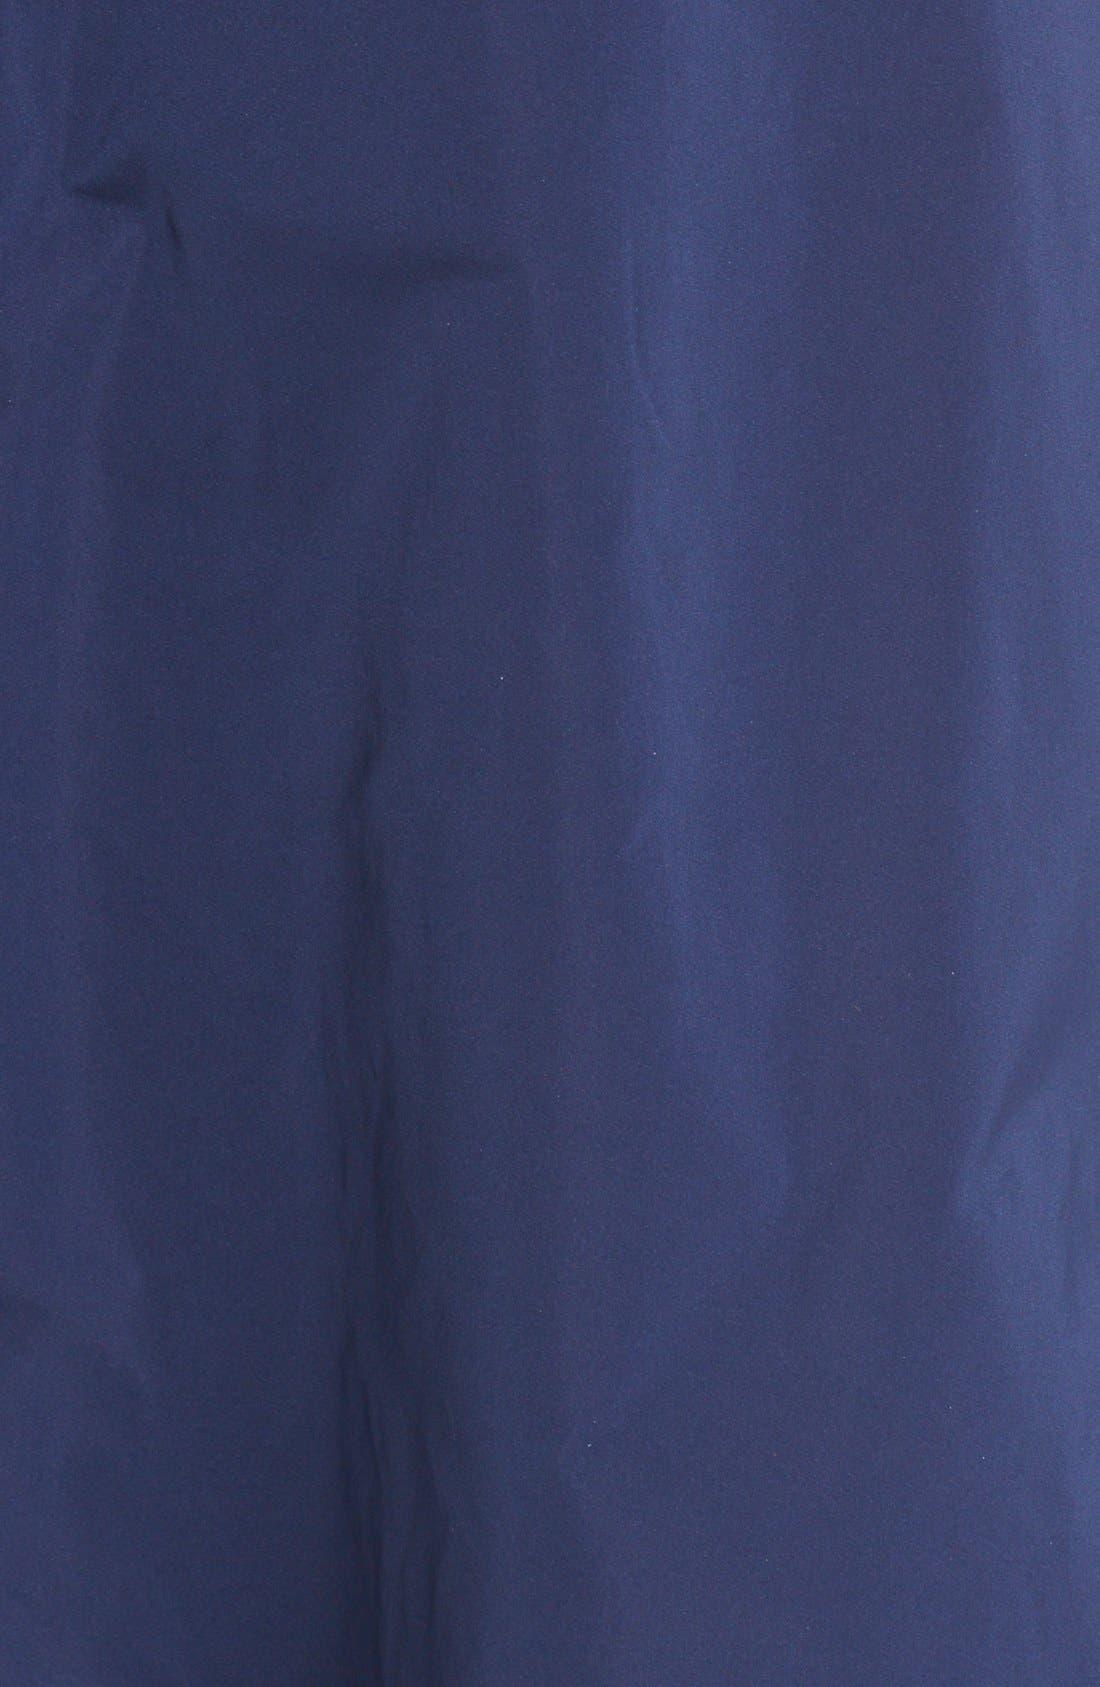 Alternate Image 3  - Oscar de la Renta Floral Embellished Strapless Fit & Flare Dress